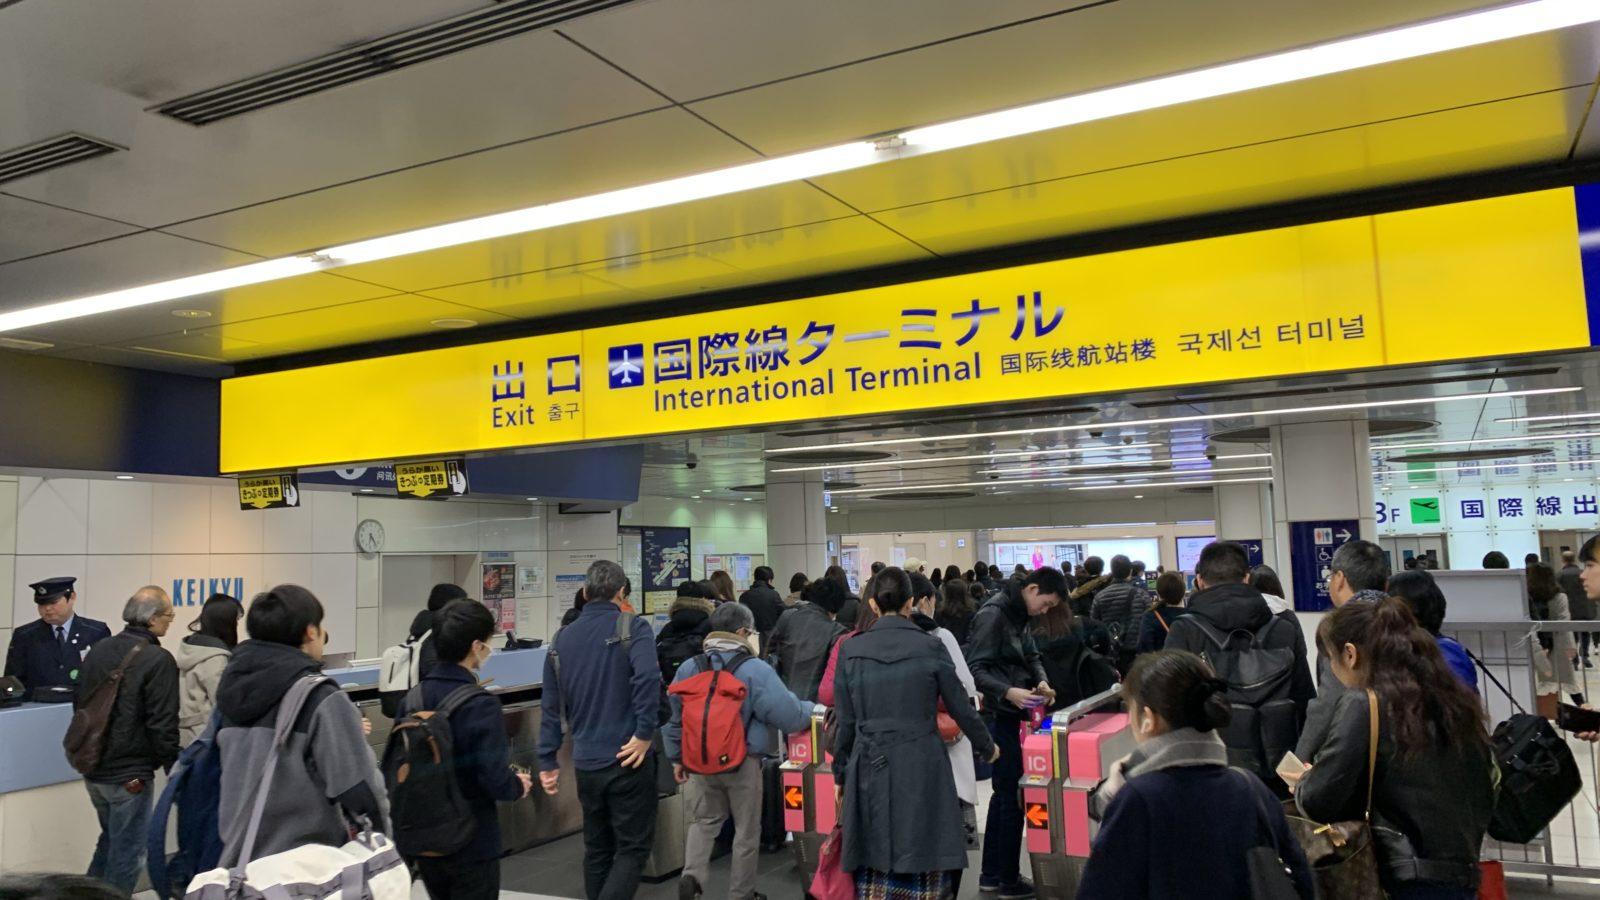 羽田空港-国際線ターミナル